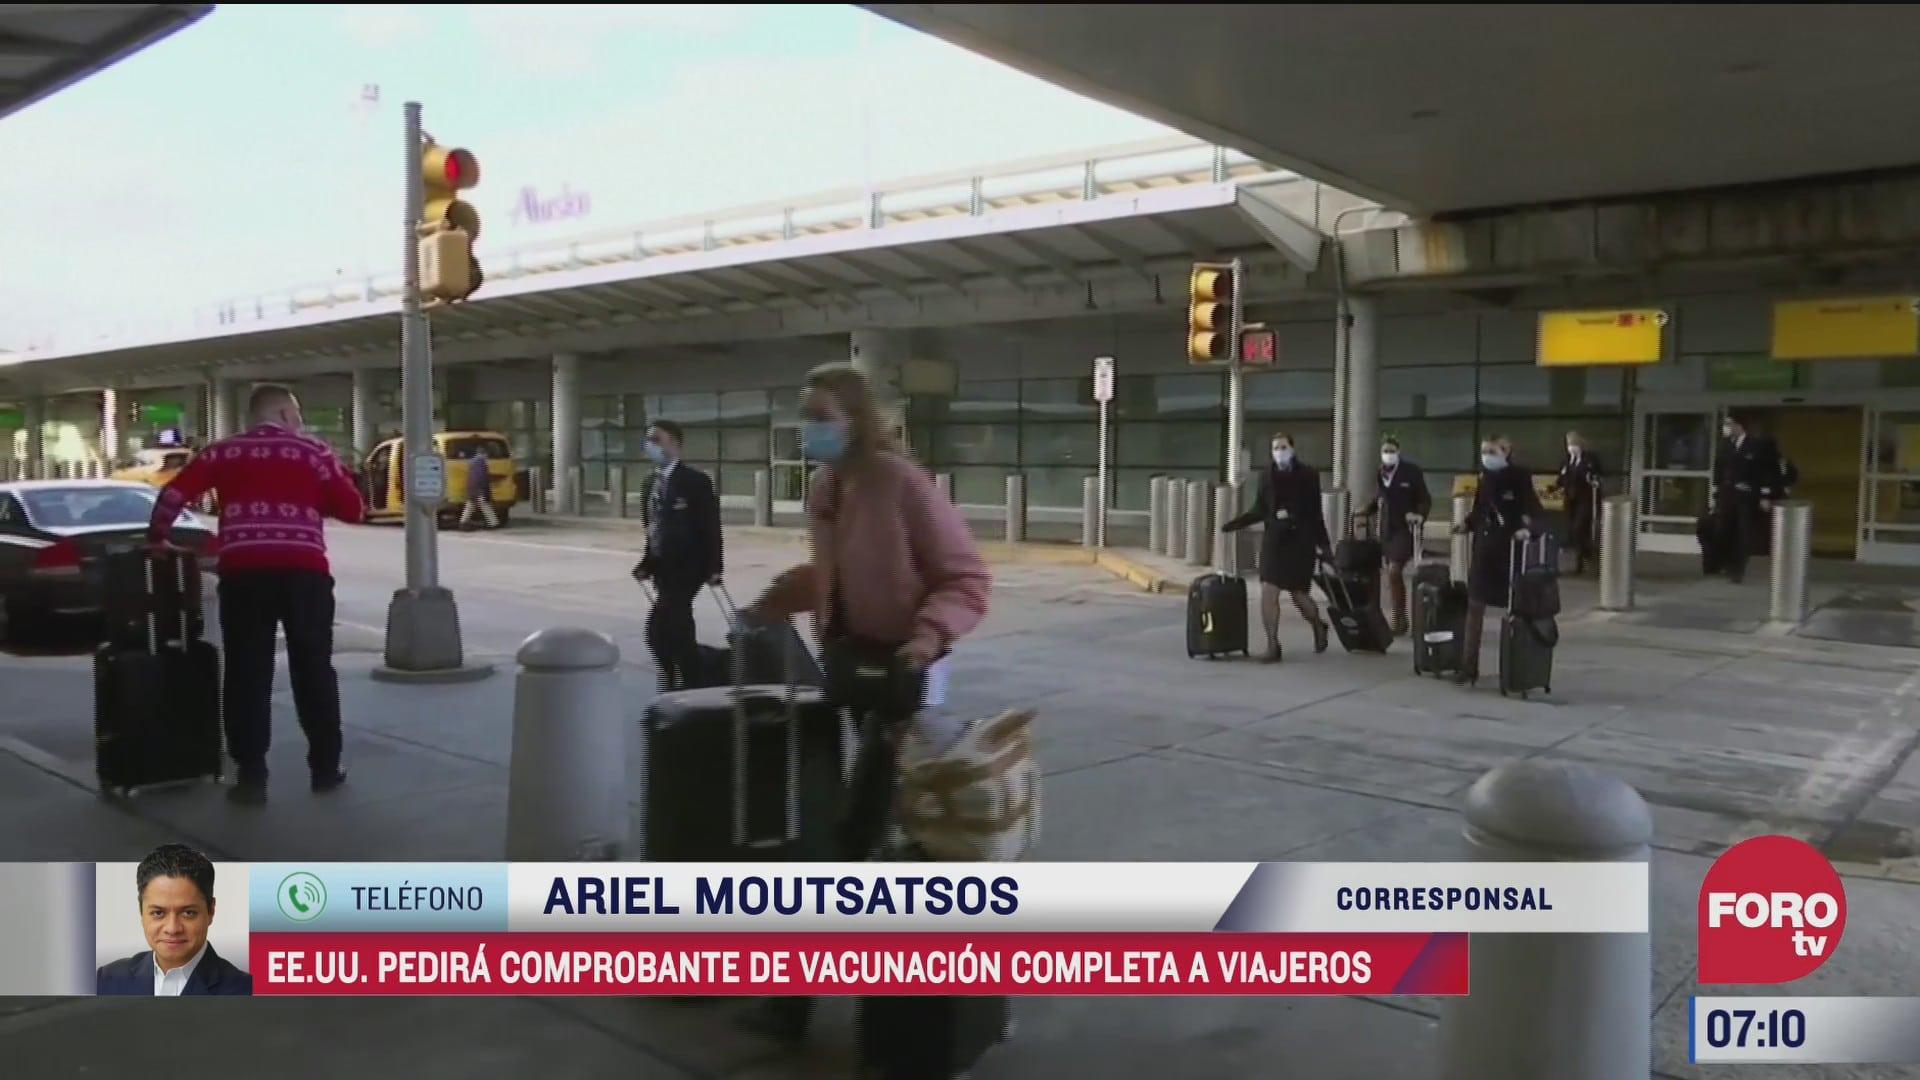 eeuu pedira comprobante de vacunacion covid a viajeros